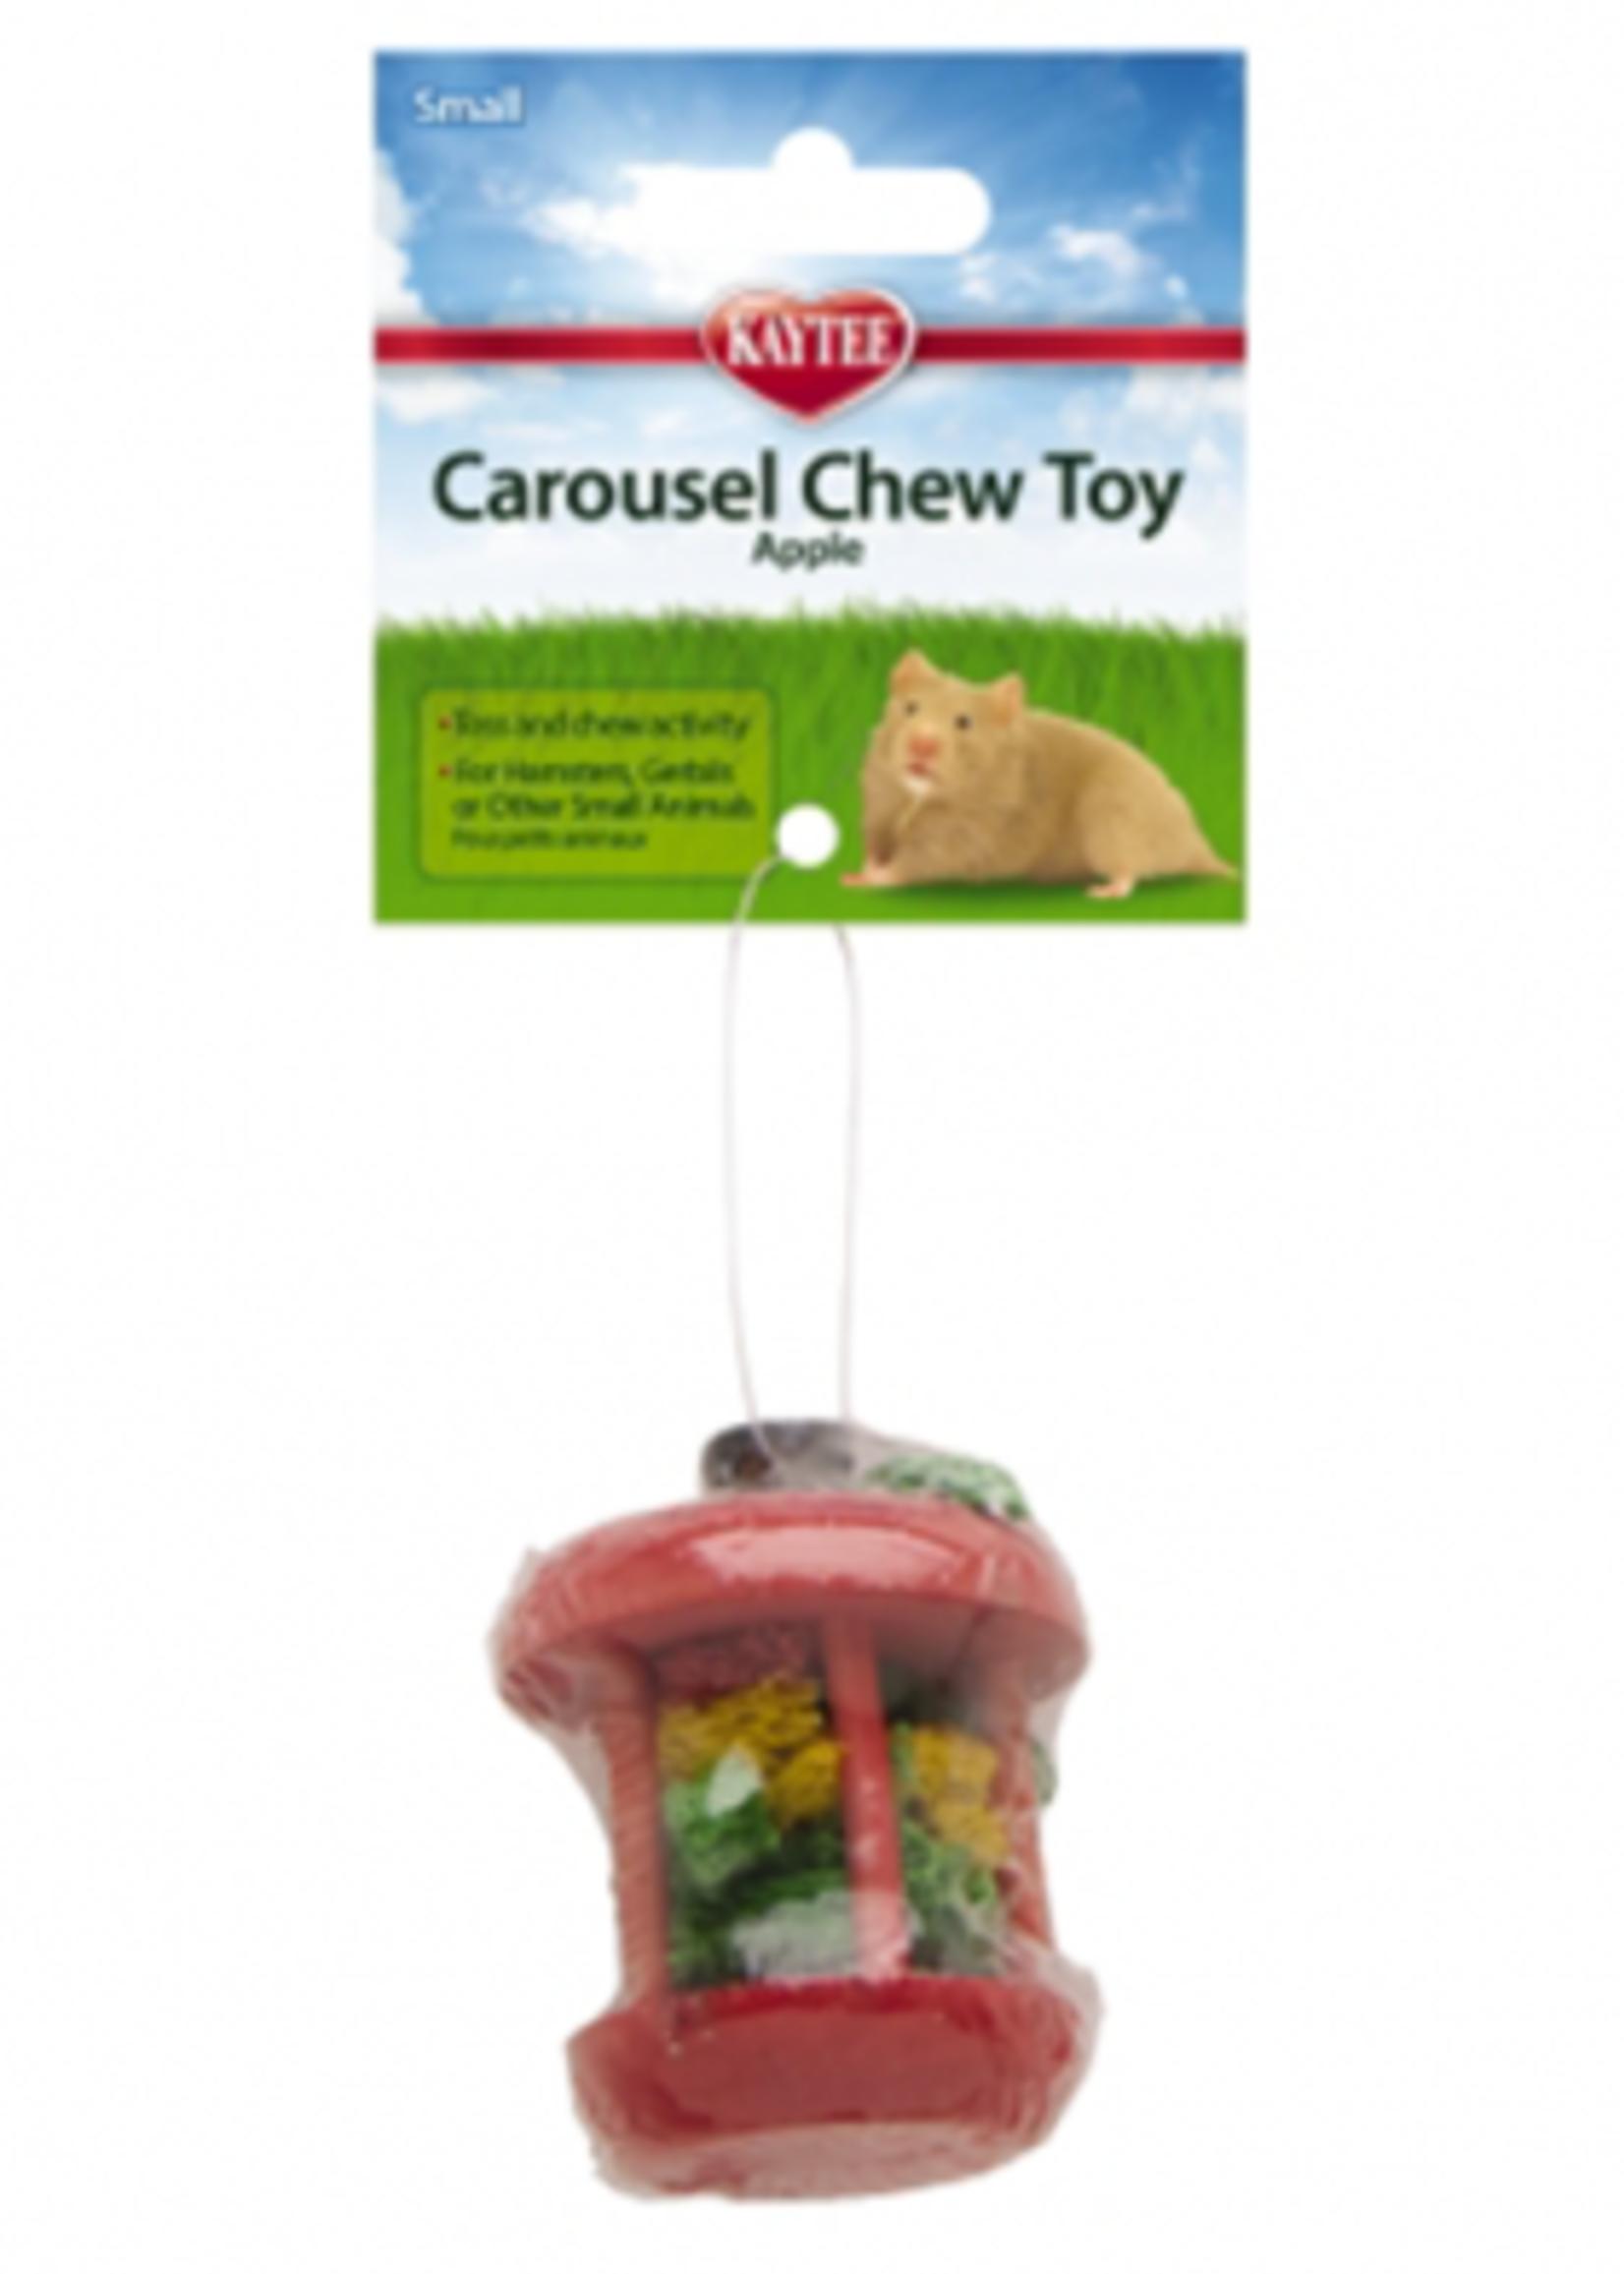 Kaytee® Carousel Chew Apple